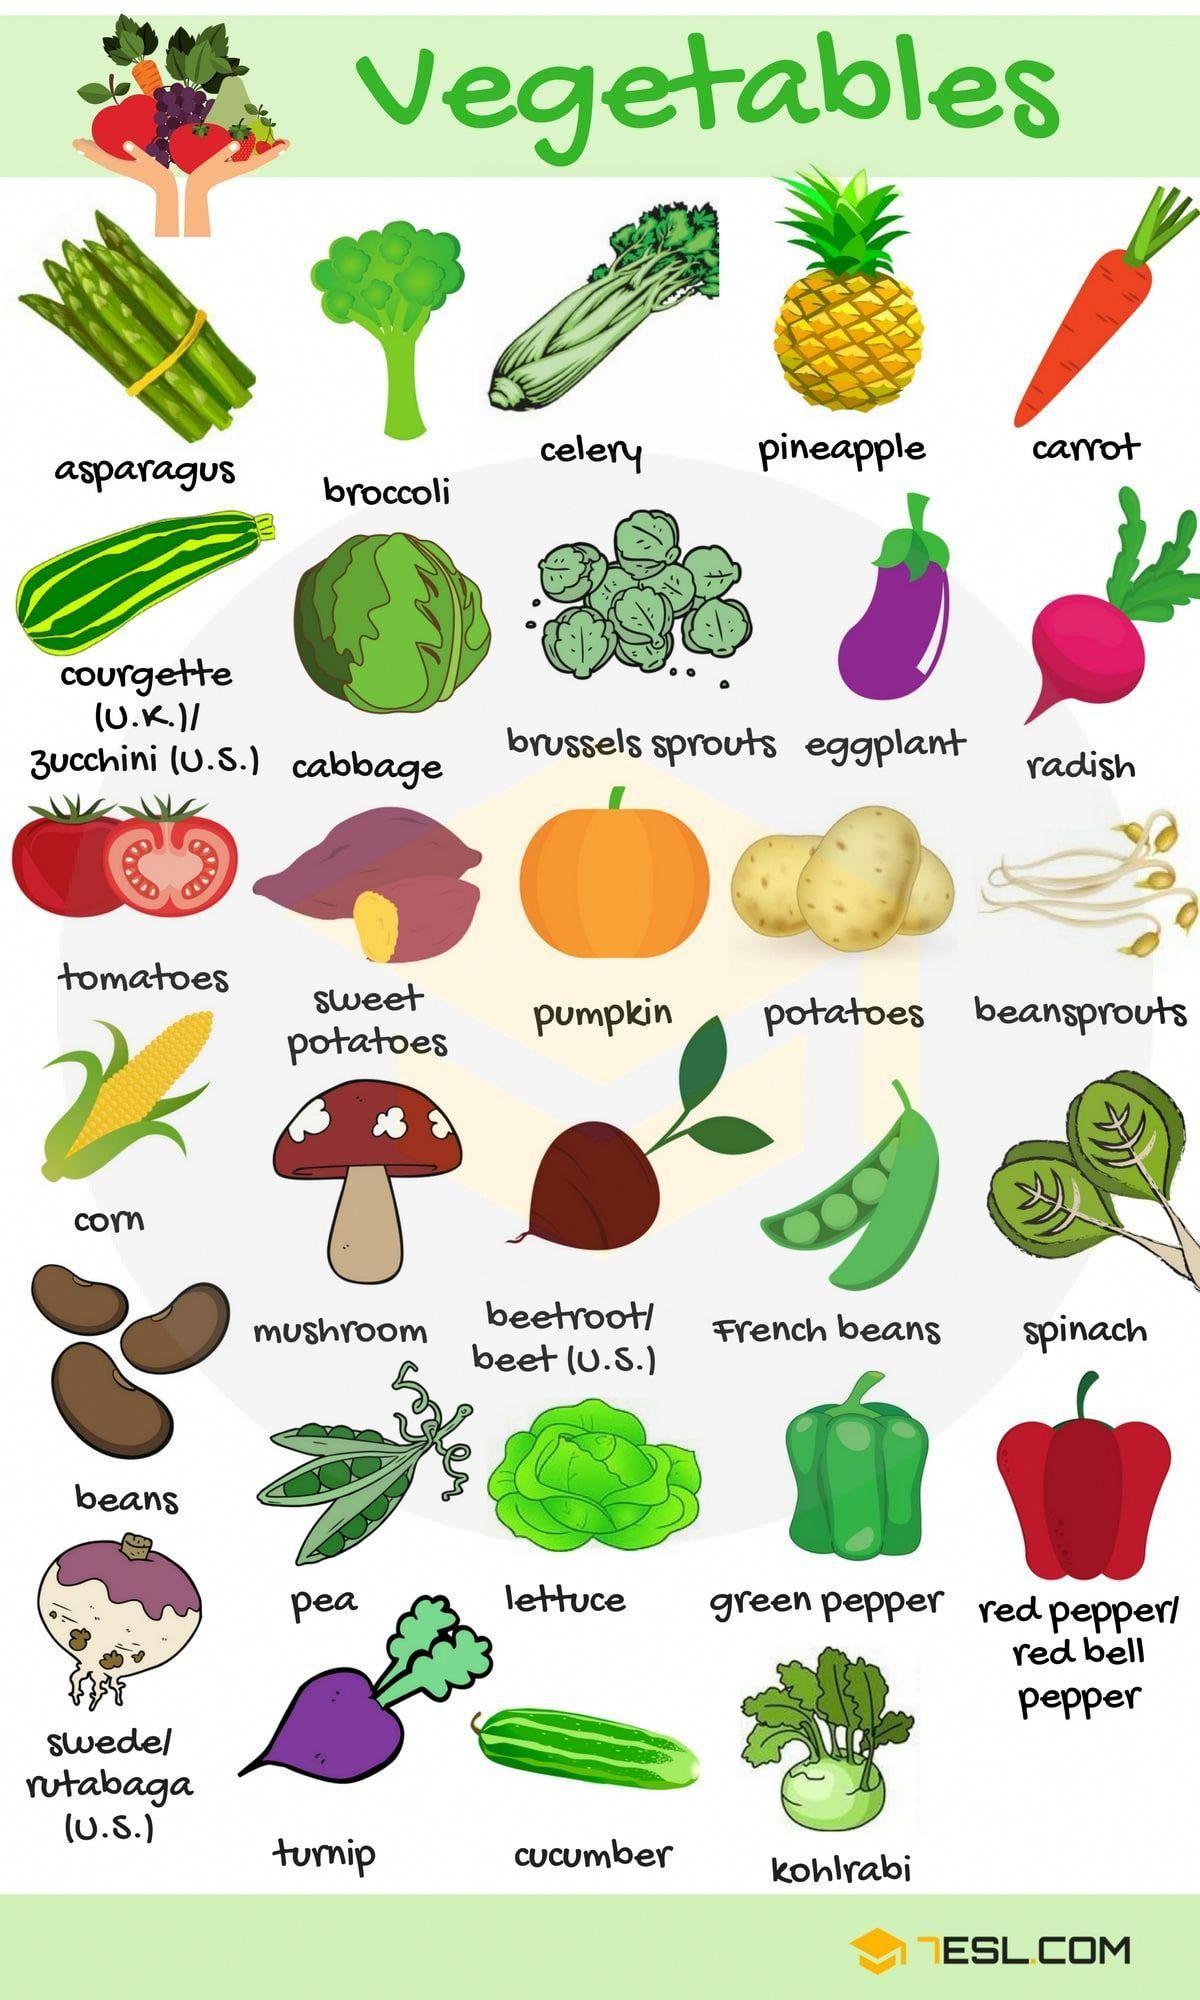 List Of Vegetables Useful Vegetables Names With Images 7 E S L Apprendreanglais Apprendreangl Apprendre L Anglais Apprentissage De L Anglais Anglais Facile